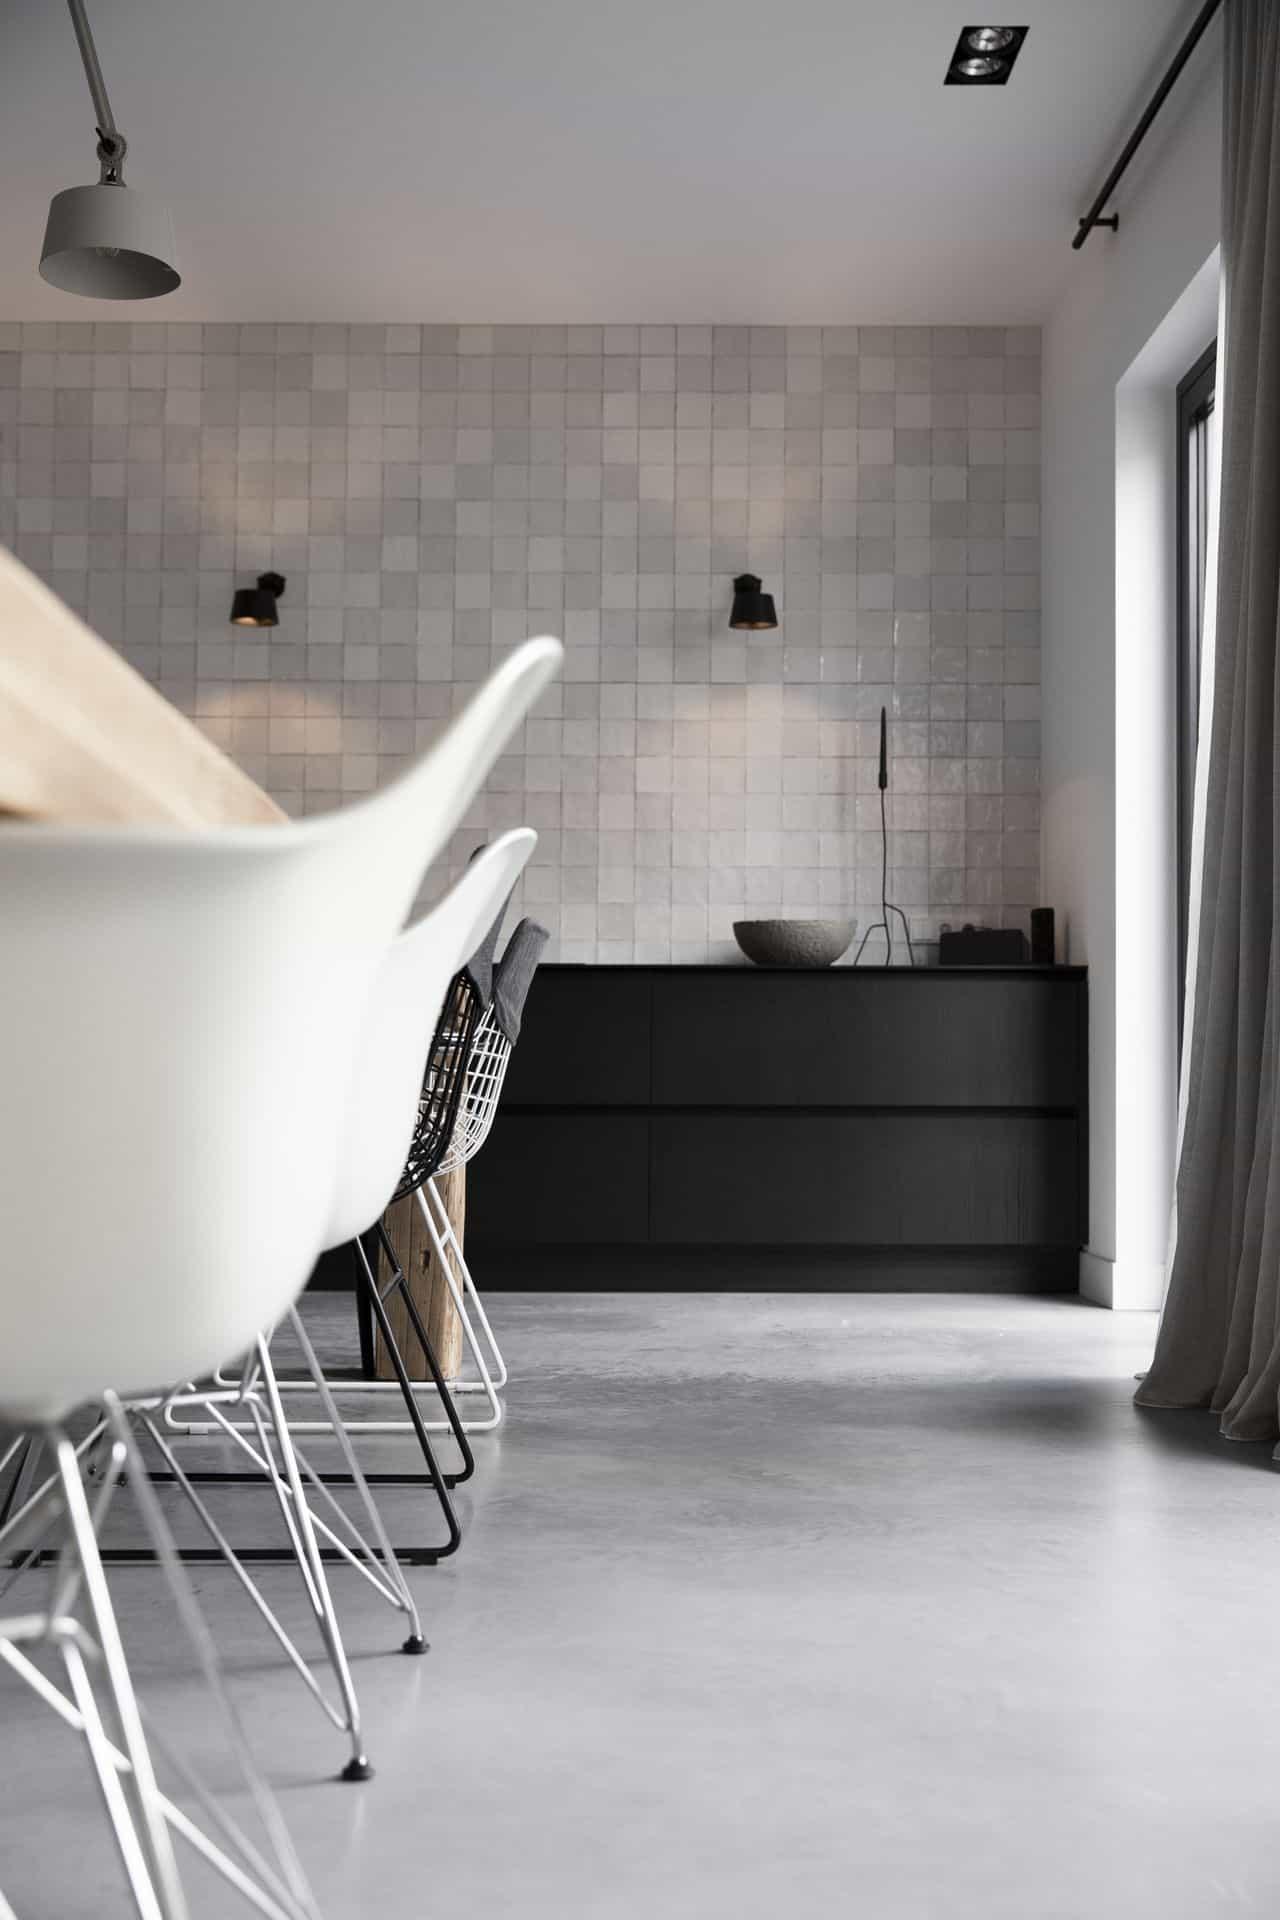 woonbeton keuken, keuken gevlinderd beton, onderhoud gepolierde beton